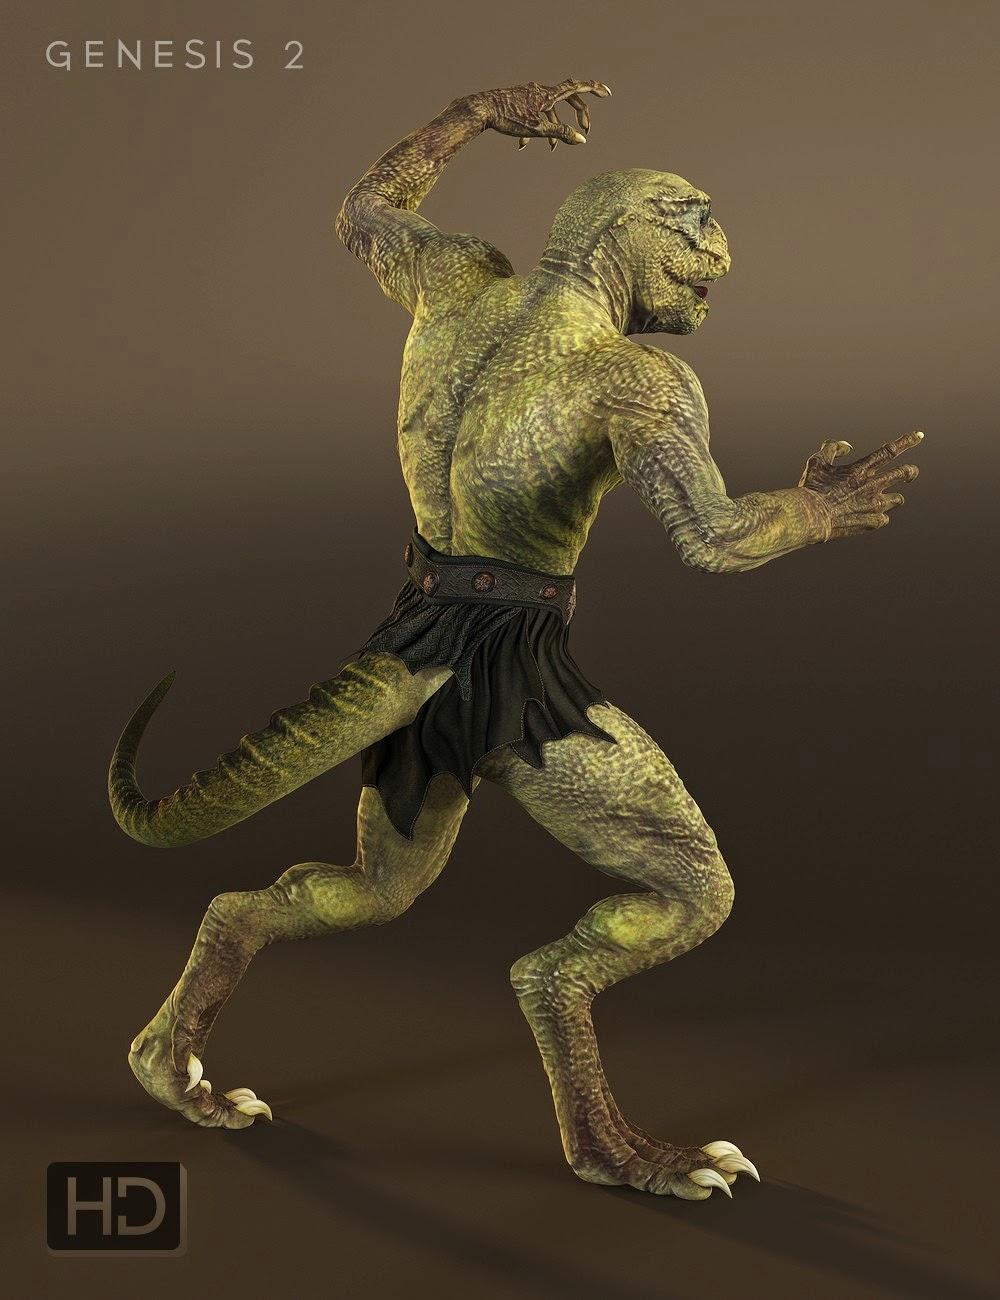 Reptilienne 6 HD pour Genesis 2 Homme